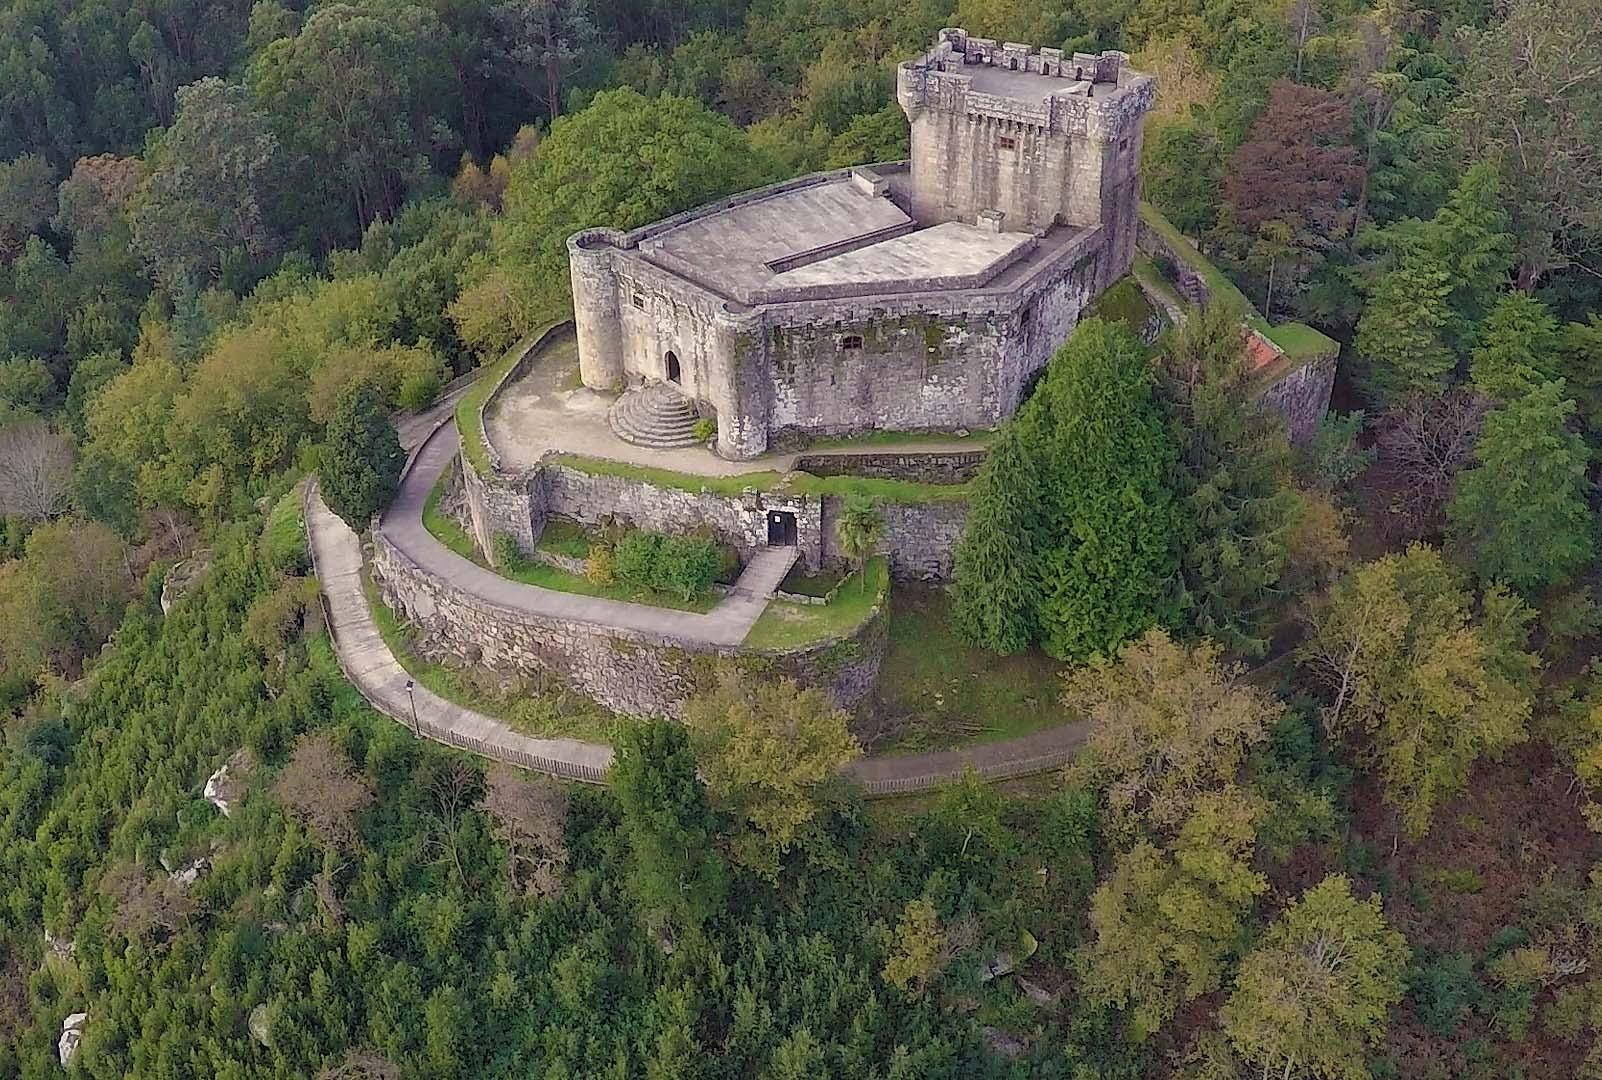 Cerca de 31.000 personas visitaron los castillos de Soutomaior y Sobroso el pasado año